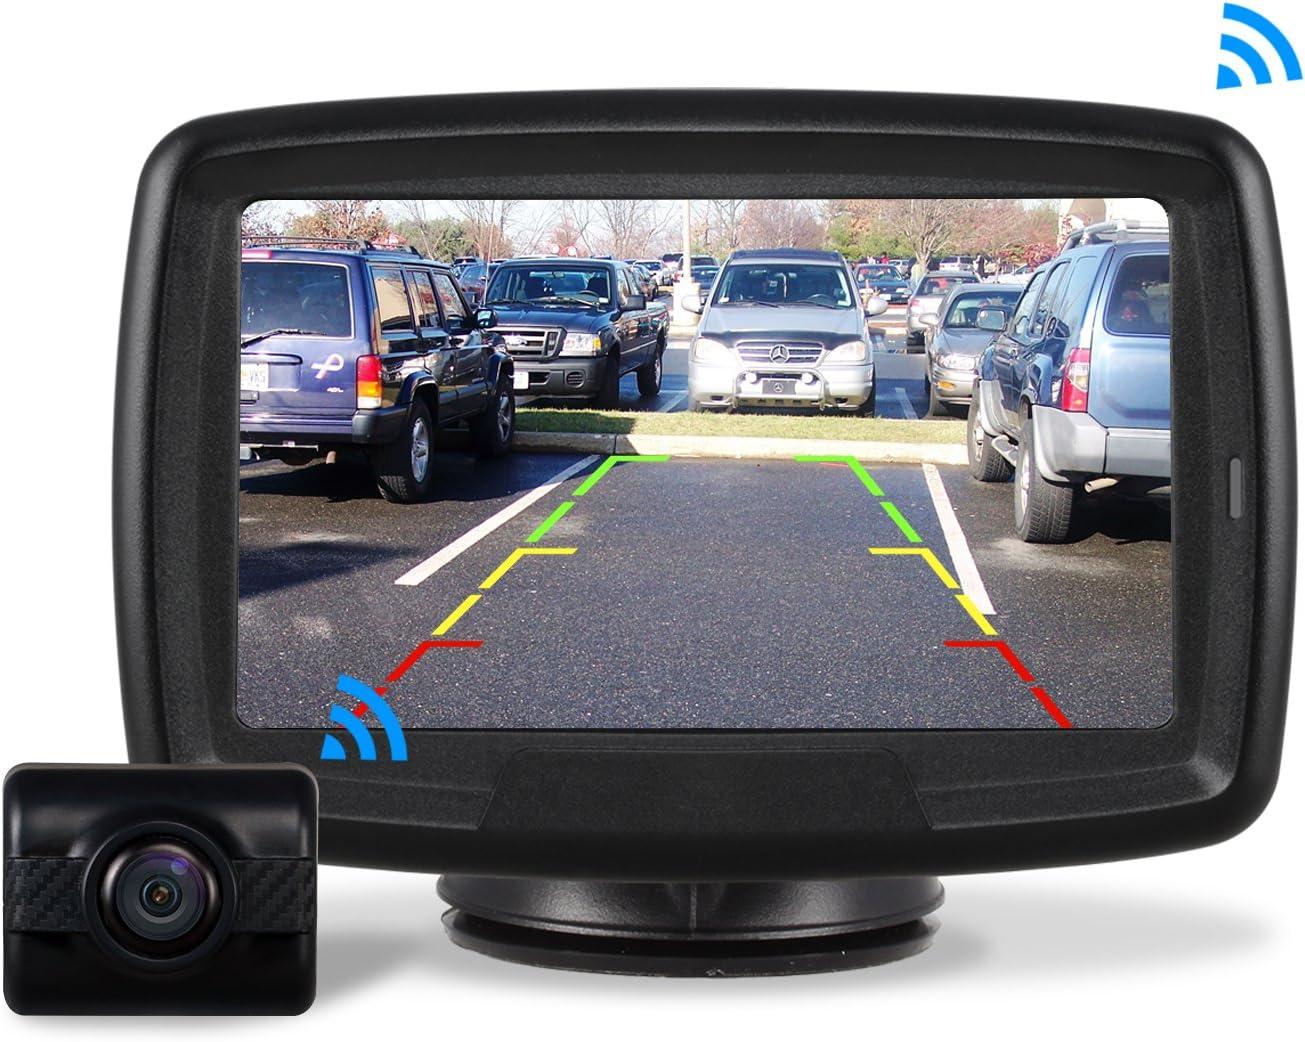 AUTO-VOX TD-2 Kit de cámara de marcha atrás digital inalámbrica con monitor TFT, 10,9 cm Cámara de coche impermeable IP 68 con buena visión nocturna,sistema de asistencia para aparcamiento 12V/24V